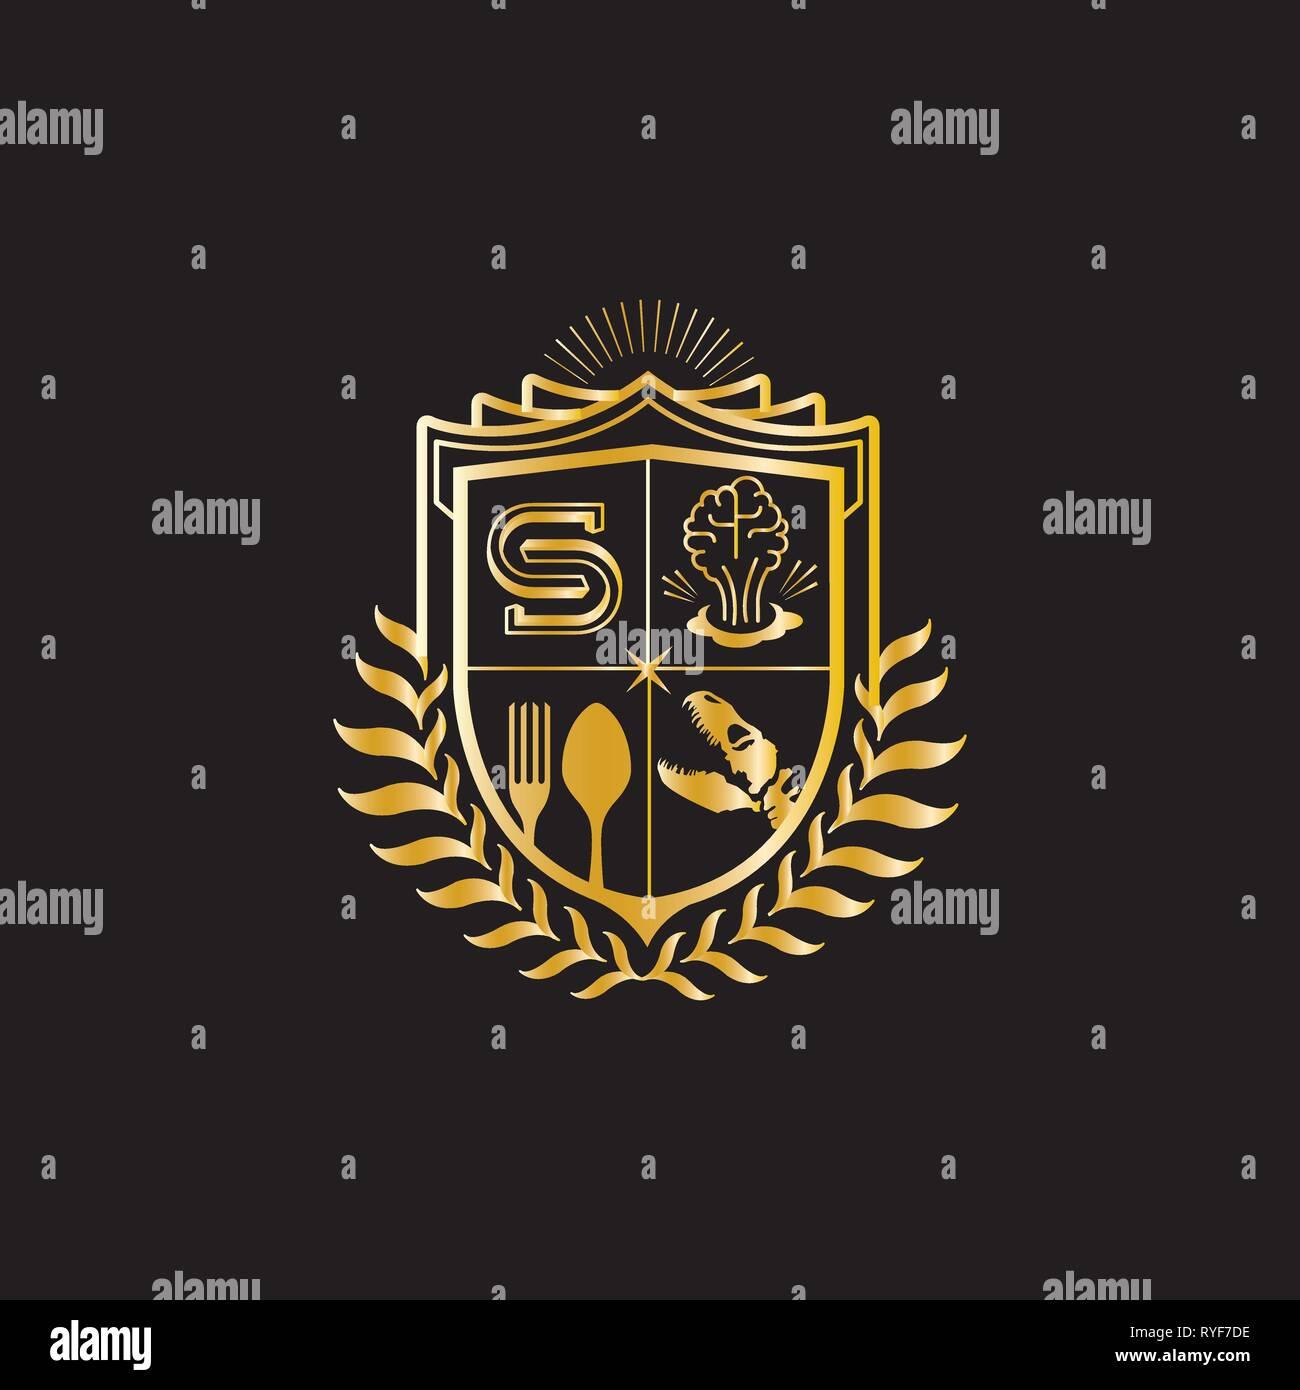 Eagle Security Logo Stock Photos & Eagle Security Logo